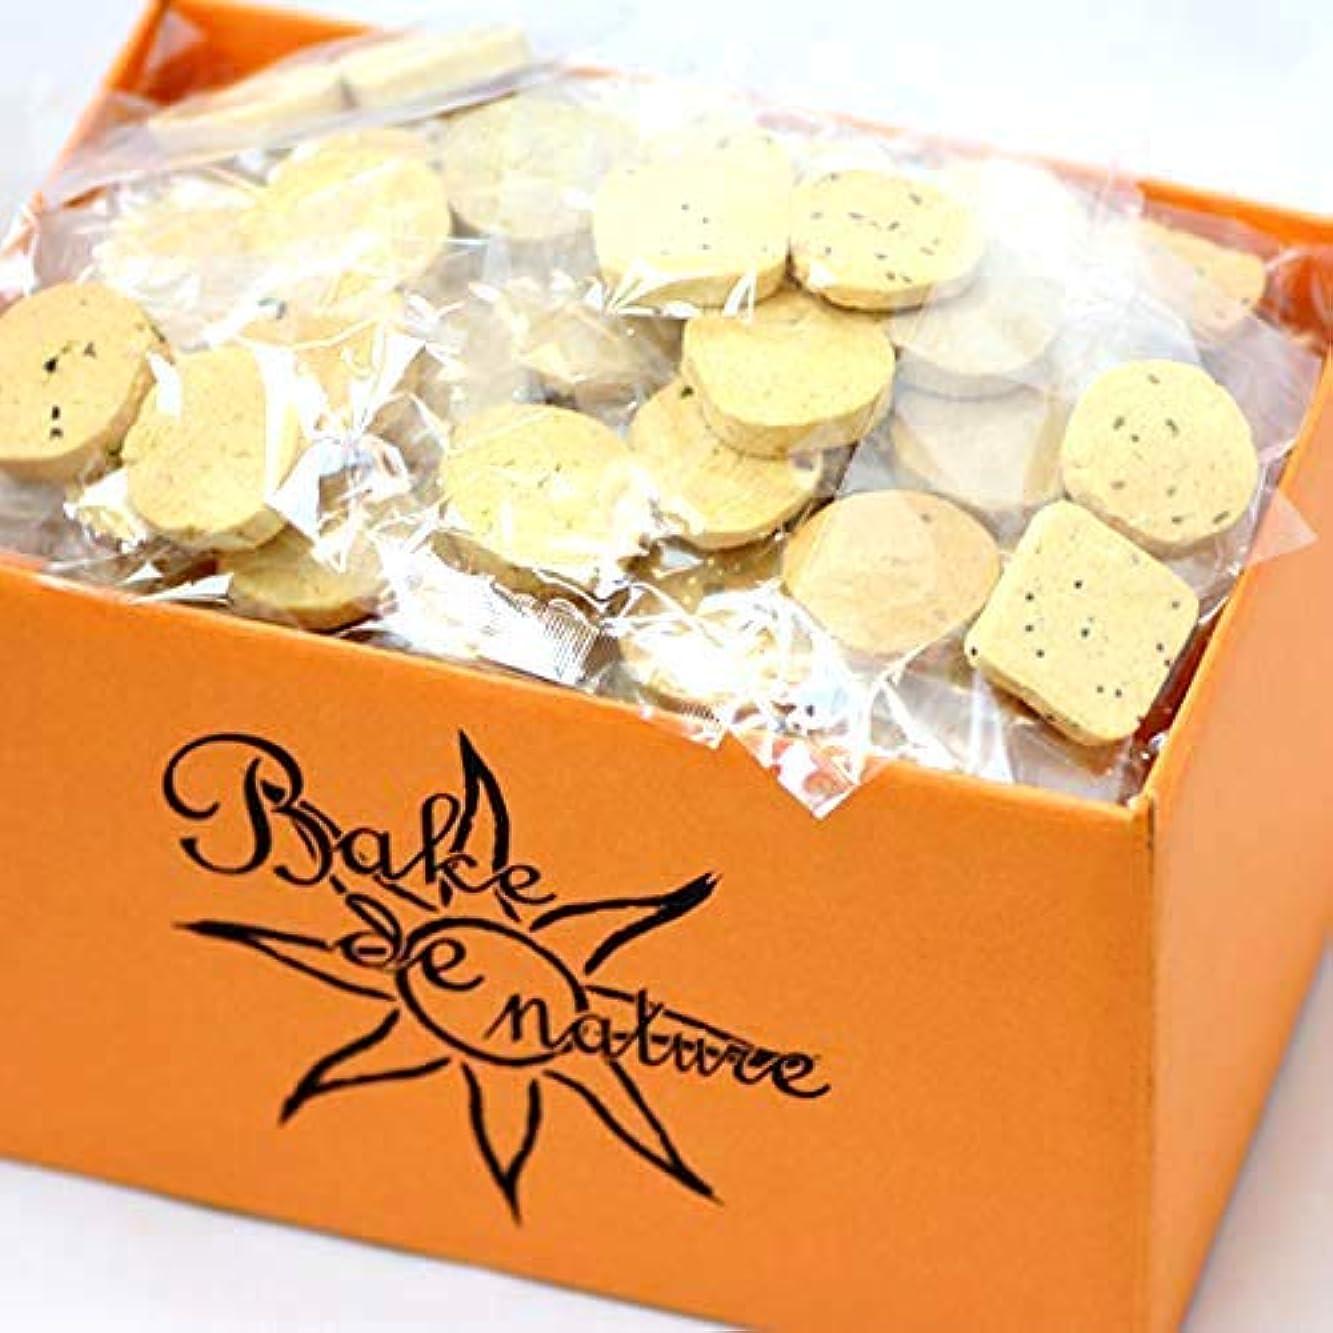 暗記するピアノを弾く病的スーパーフード豆乳おからクッキー (10種類MIX) 1袋 1kg (個包装) 小麦粉不使用のダイエットクッキー